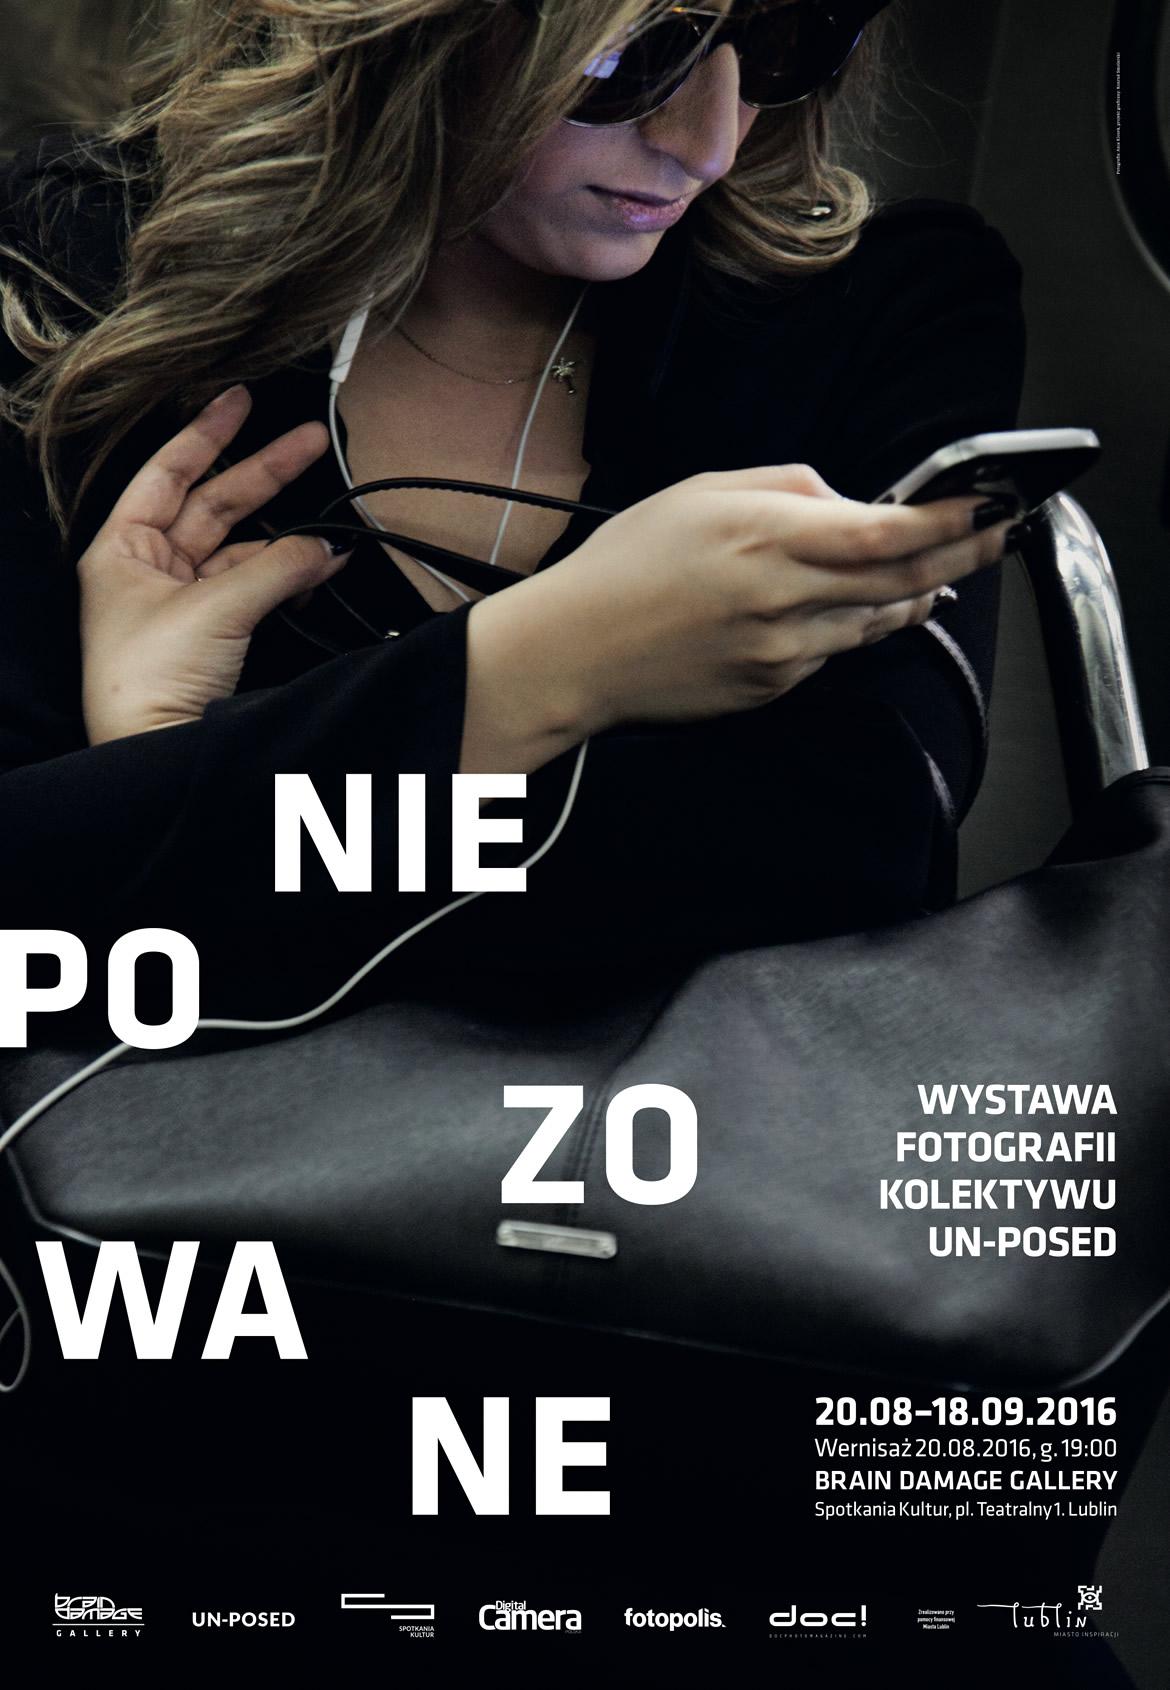 Photo Ania Kłosek / Design: Konrad Smolarski